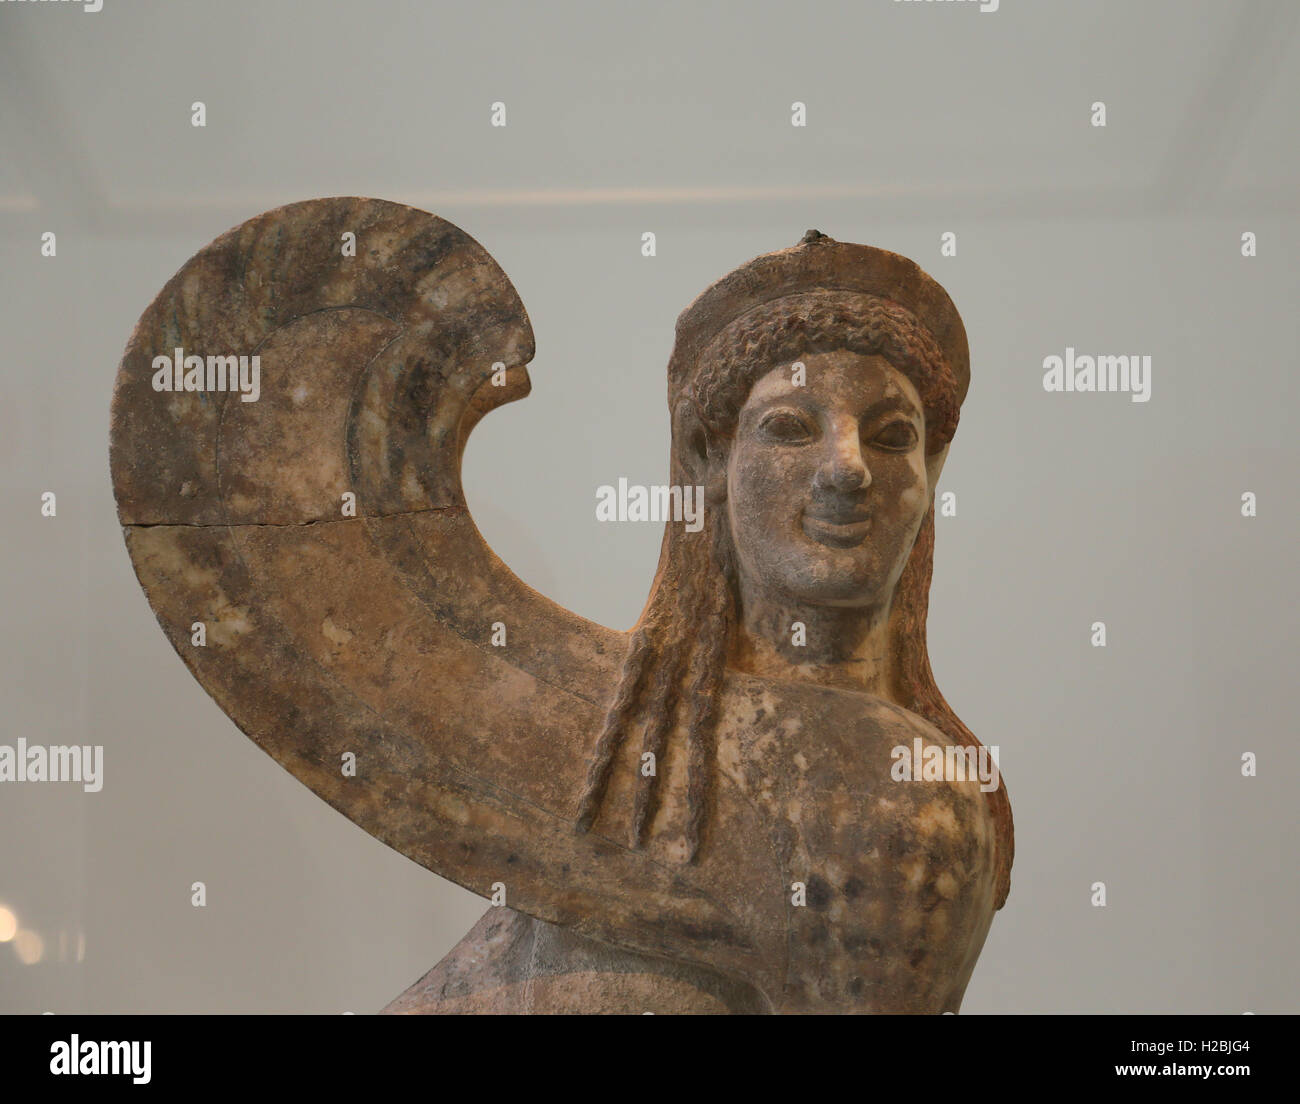 Capital y el finial de mármol en forma de una esfinge. Griego, buhardilla, ca. 530 BC. Museo Metropolitano Imagen De Stock